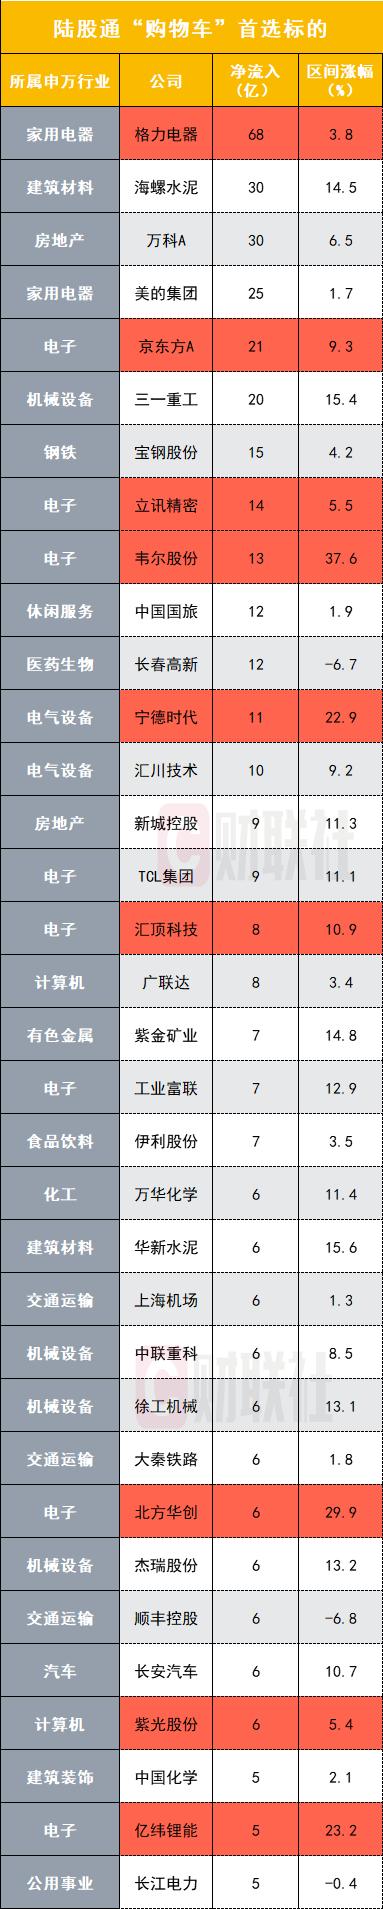 山东11选5号码推荐 前一推荐号码 爱彩乐,从双11到双12,北上资金买了760亿A股,购物车曝光